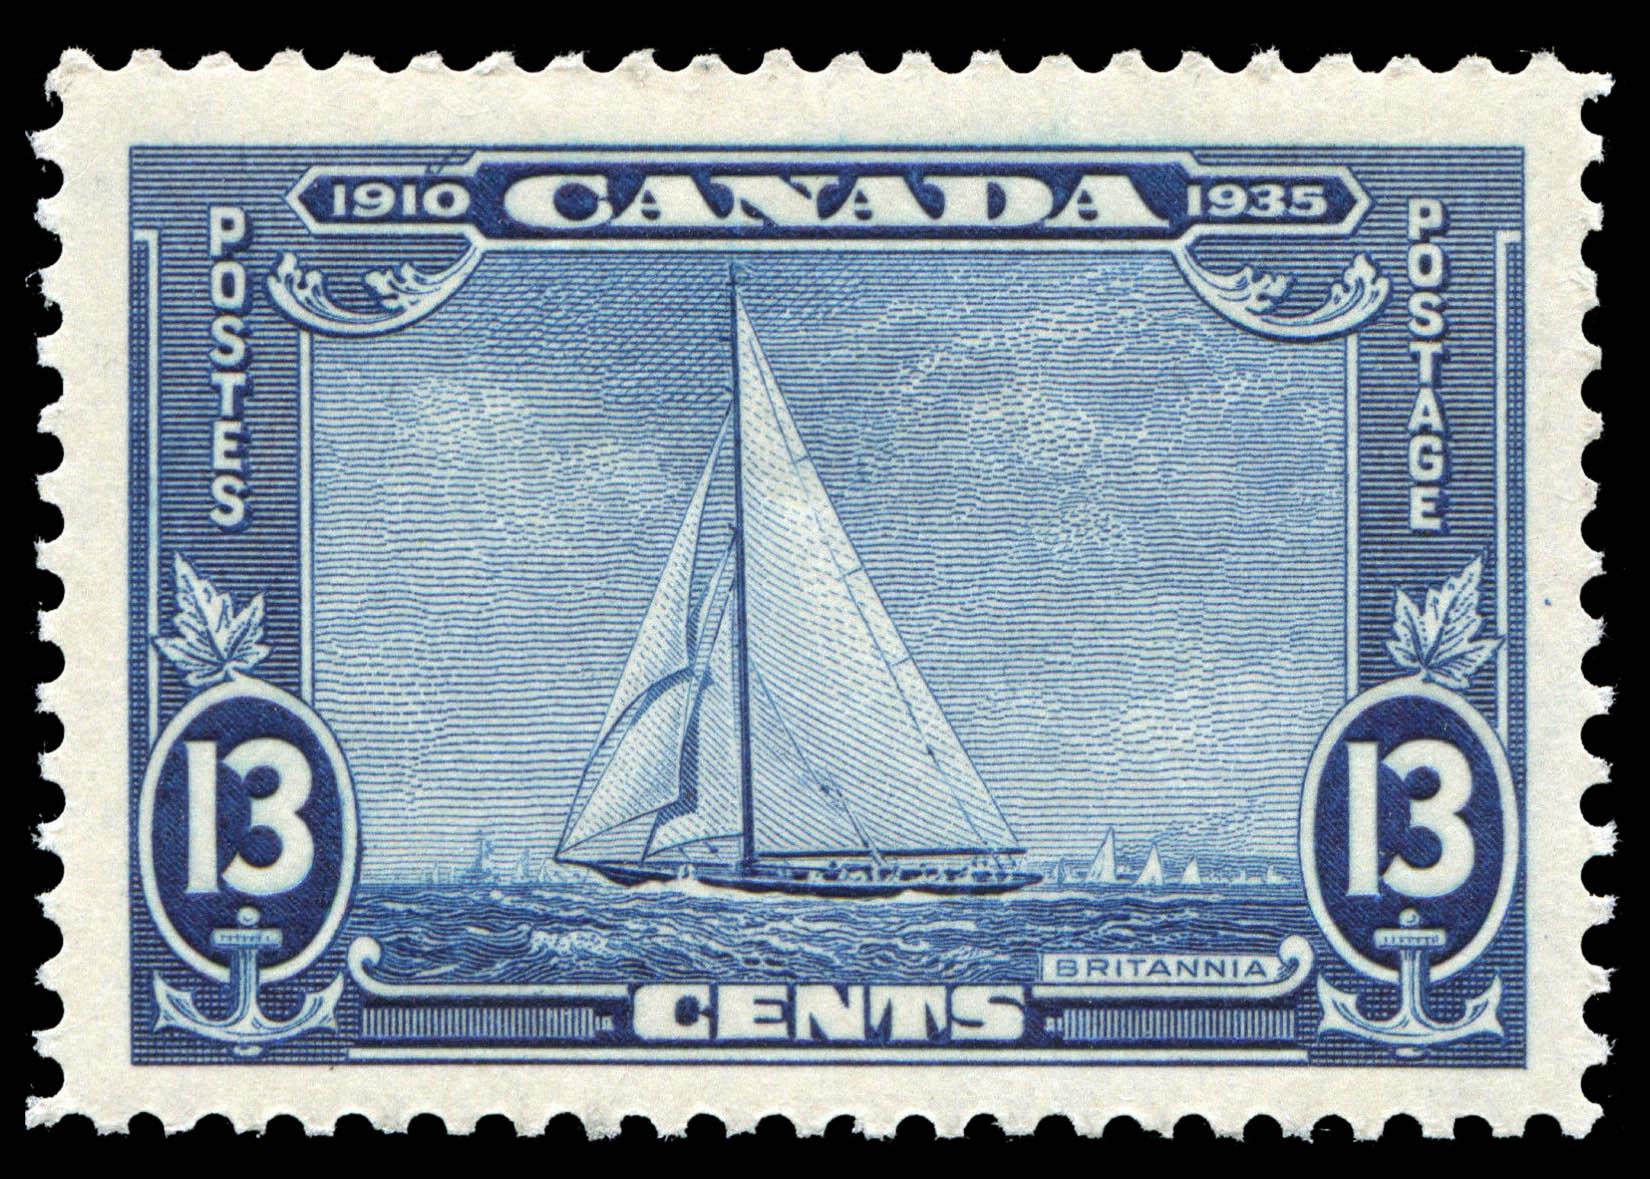 Britannia Canada Postage Stamp